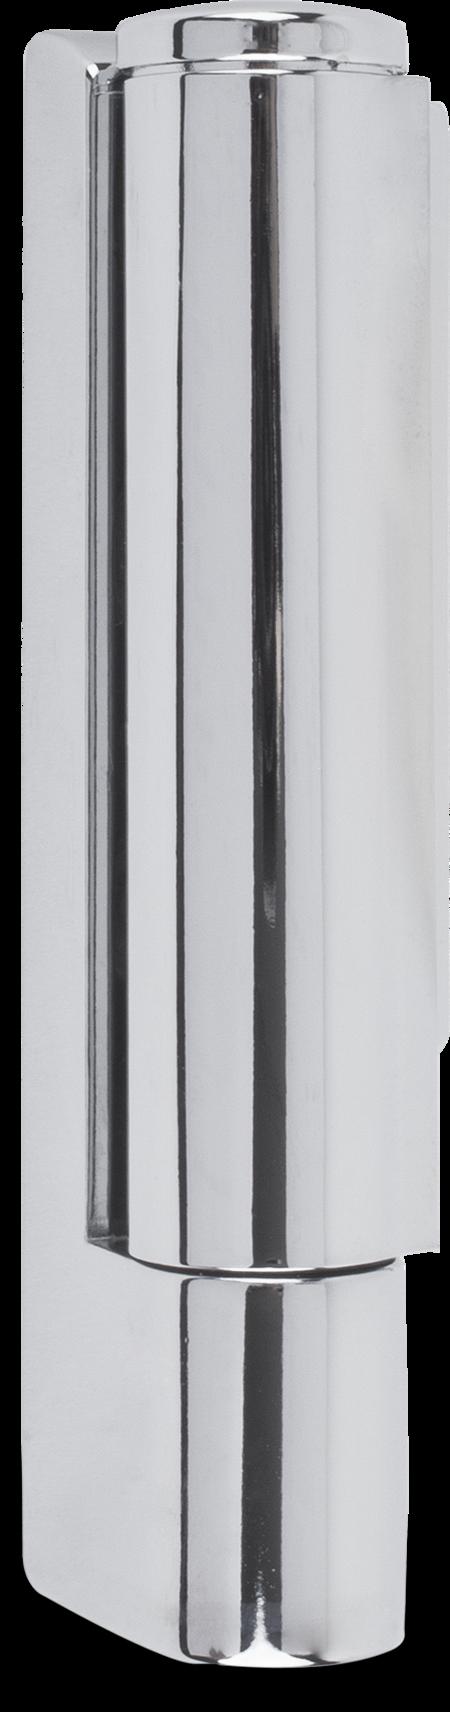 Eckscharnier Zink-Druckguss, verchromt, rechts und links verwendbar, 17 mm Drehpunkt, nicht steigend, seitliche Montage, mit loser, geprägter Abdeckkappe